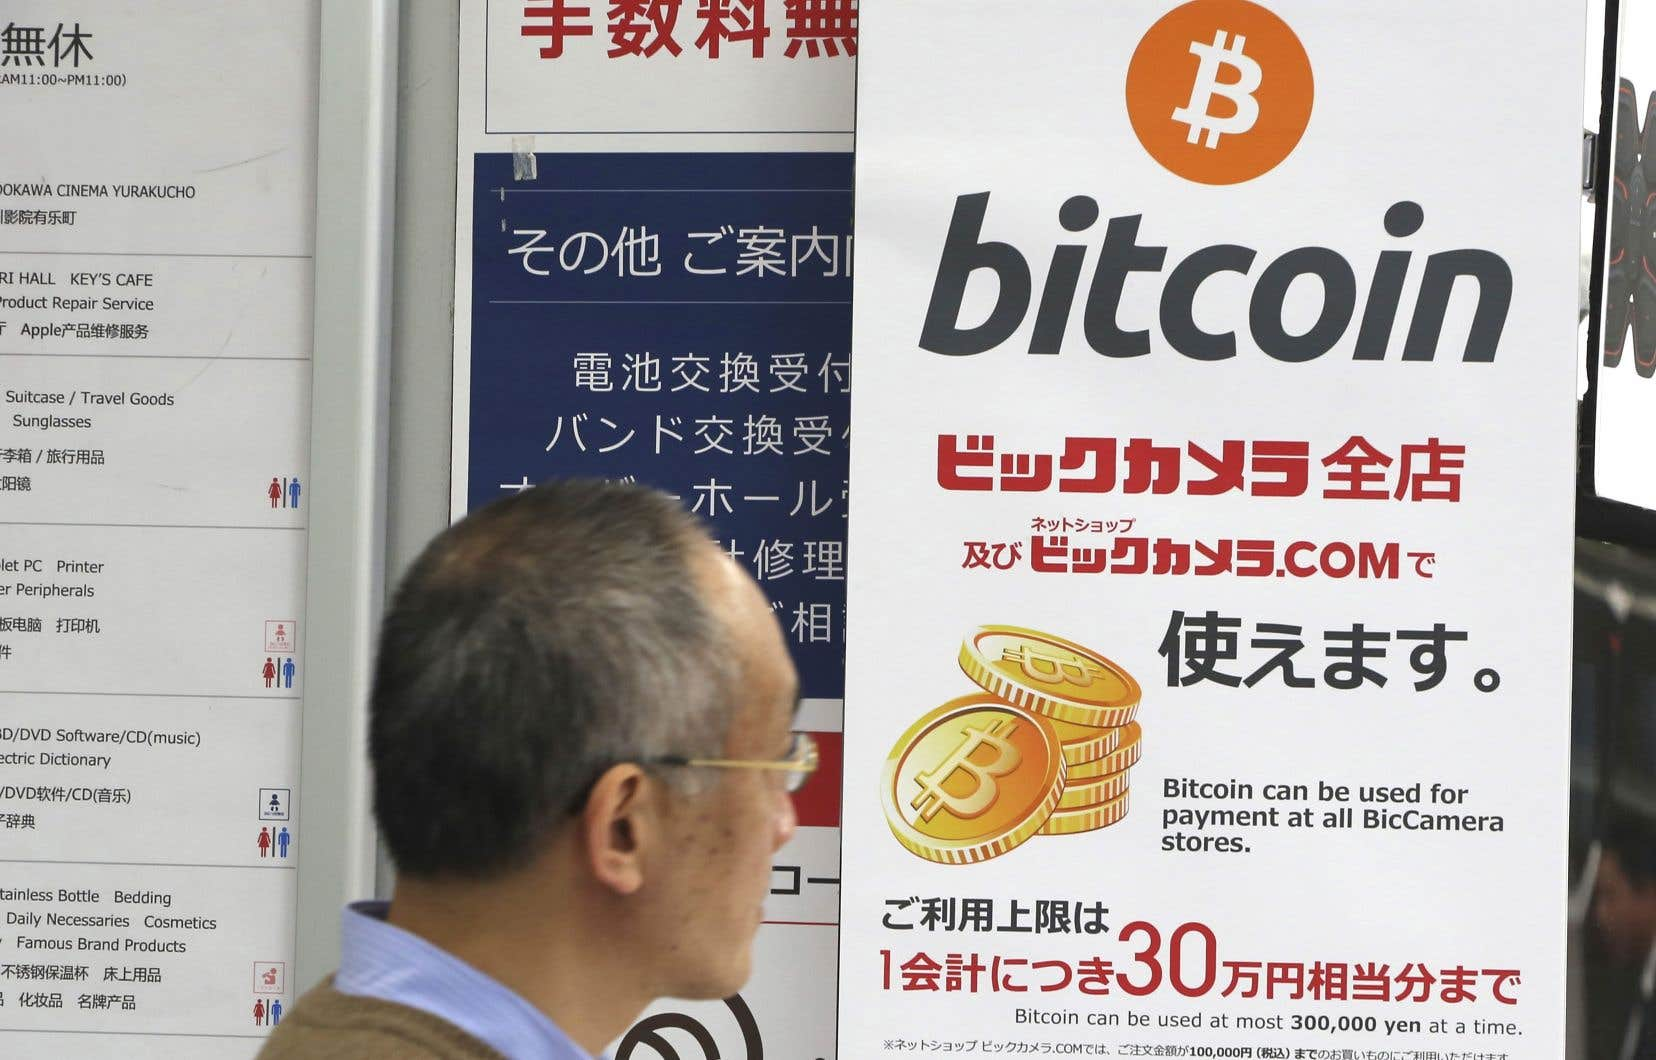 Après l'annonce des autorités japonaises, le cours du bitcoin, principale monnaie virtuelle, a chuté de plus de 5%, repassant sous la barre des 10 000 $US.